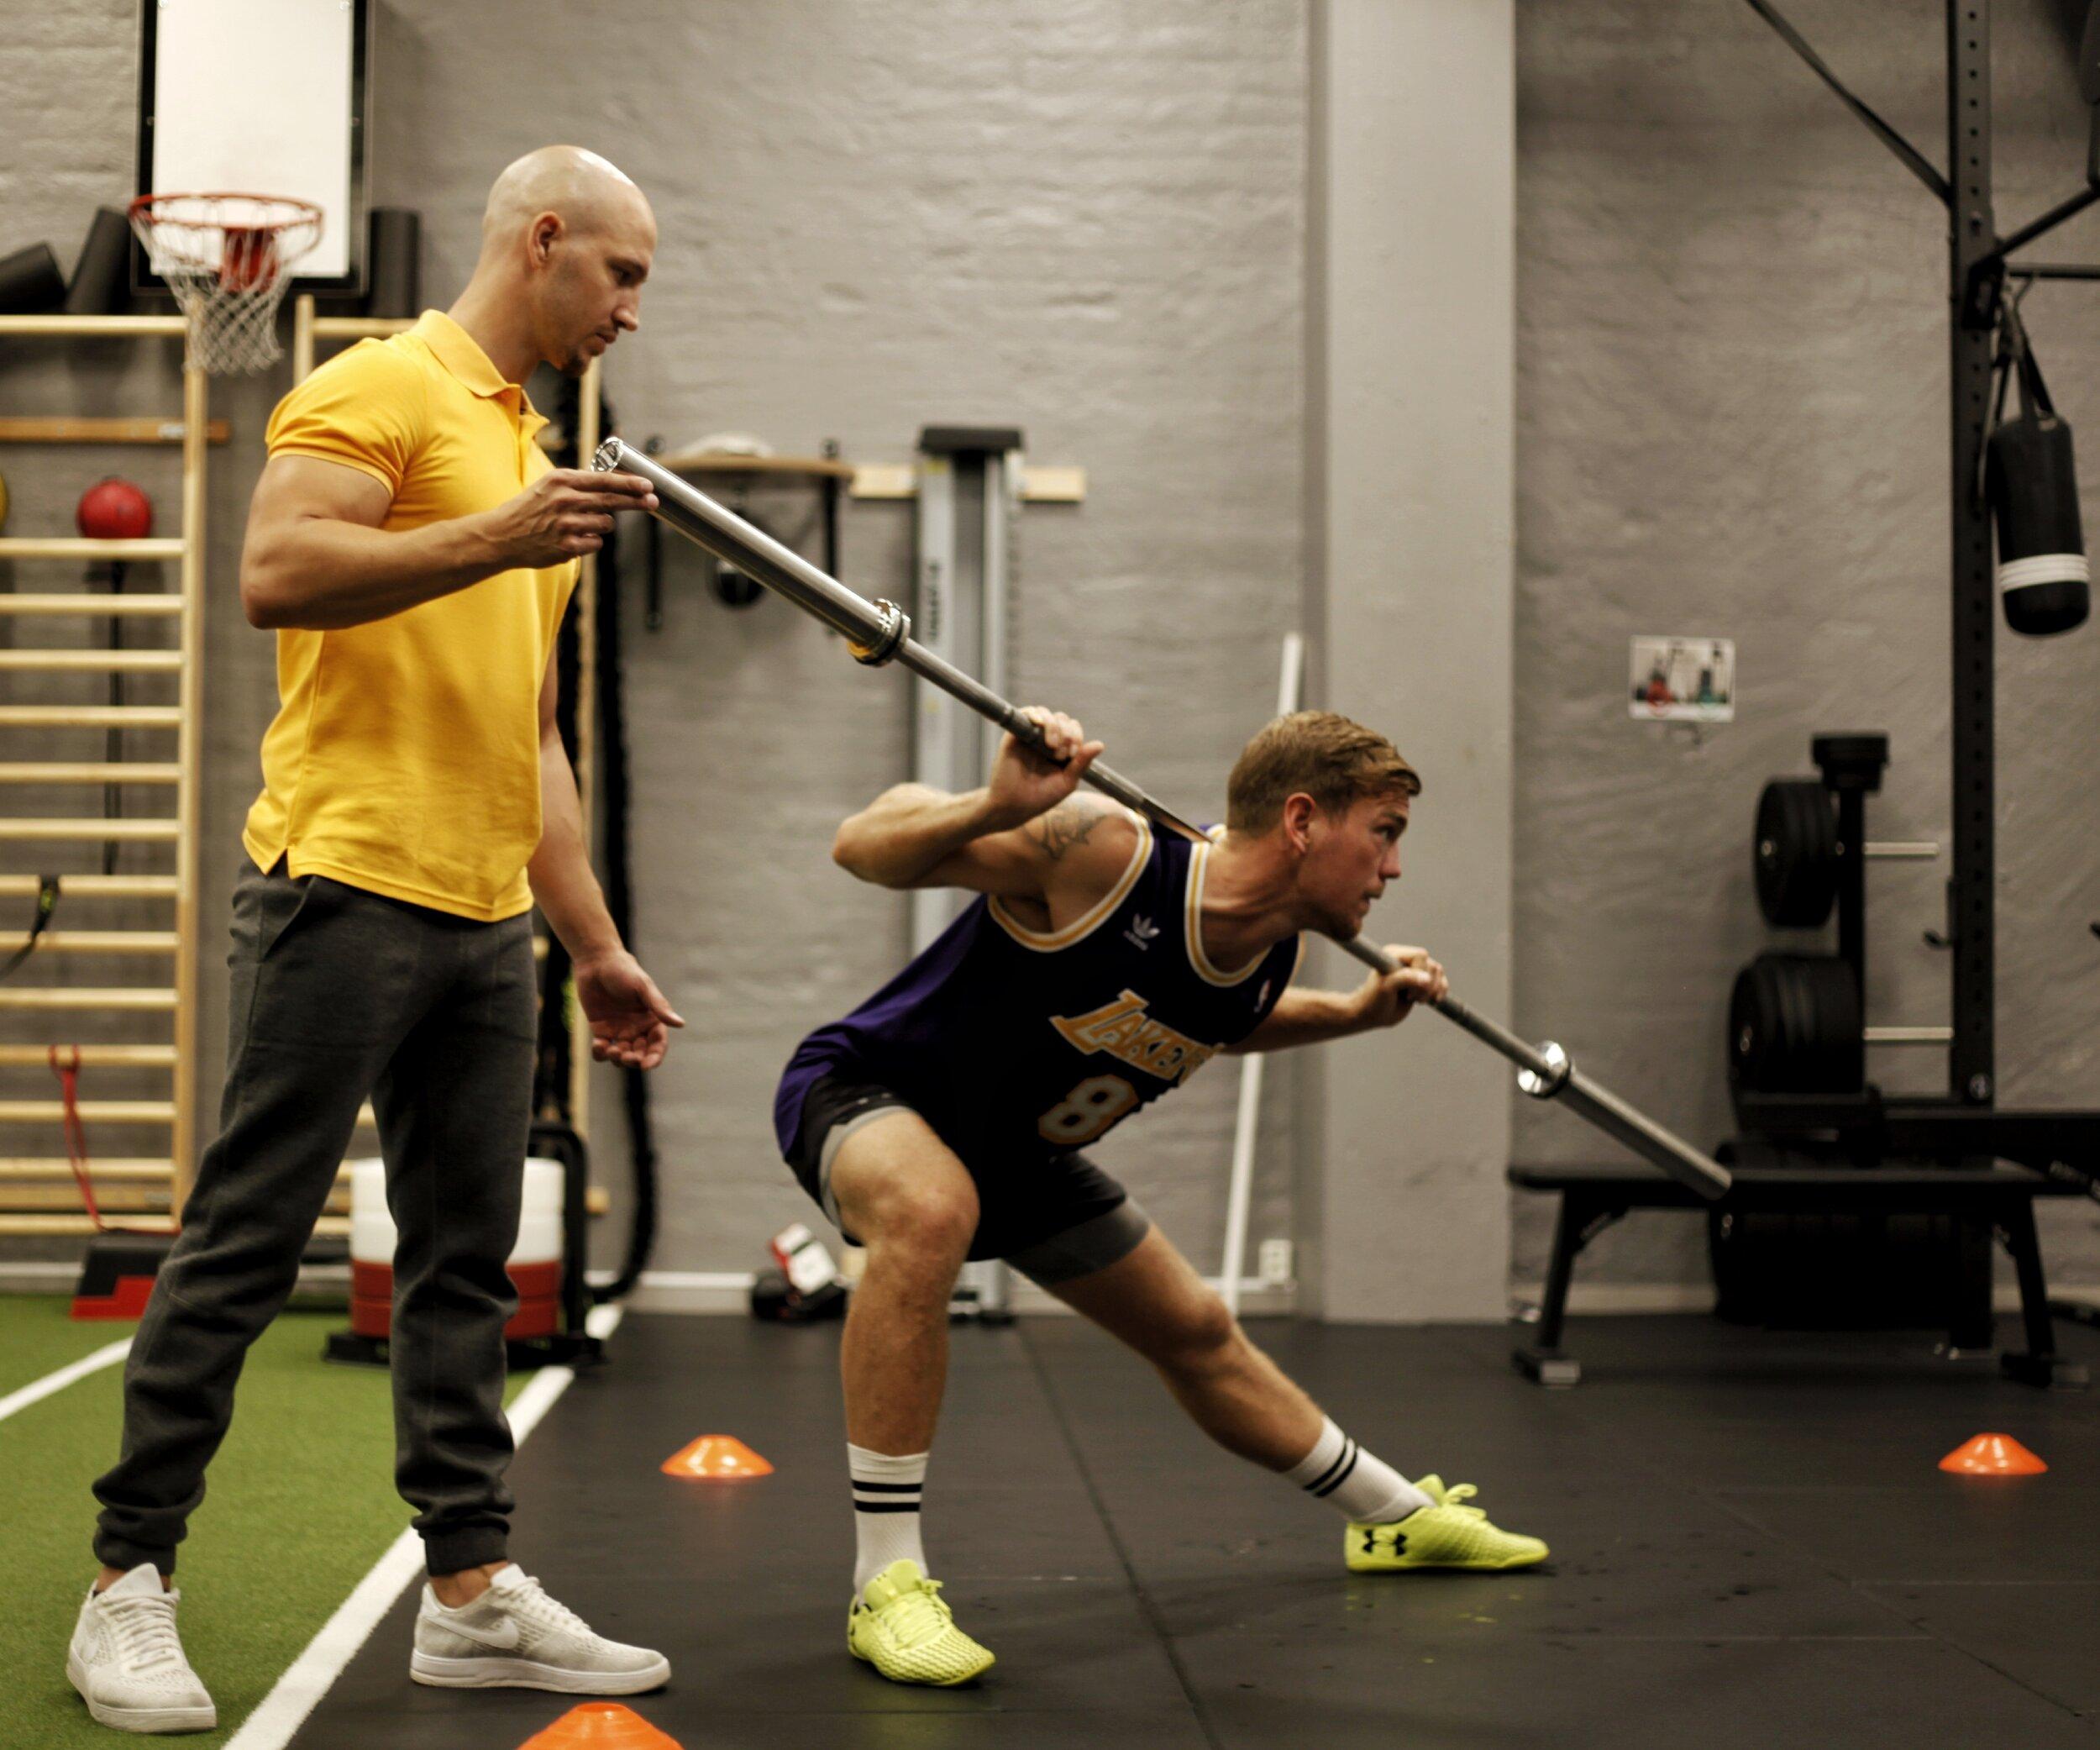 Sven Fornling stärker bål och säte inför kommande boxningsmatch då han skall försvara sin världsmästartitel i lätt tungvikt.